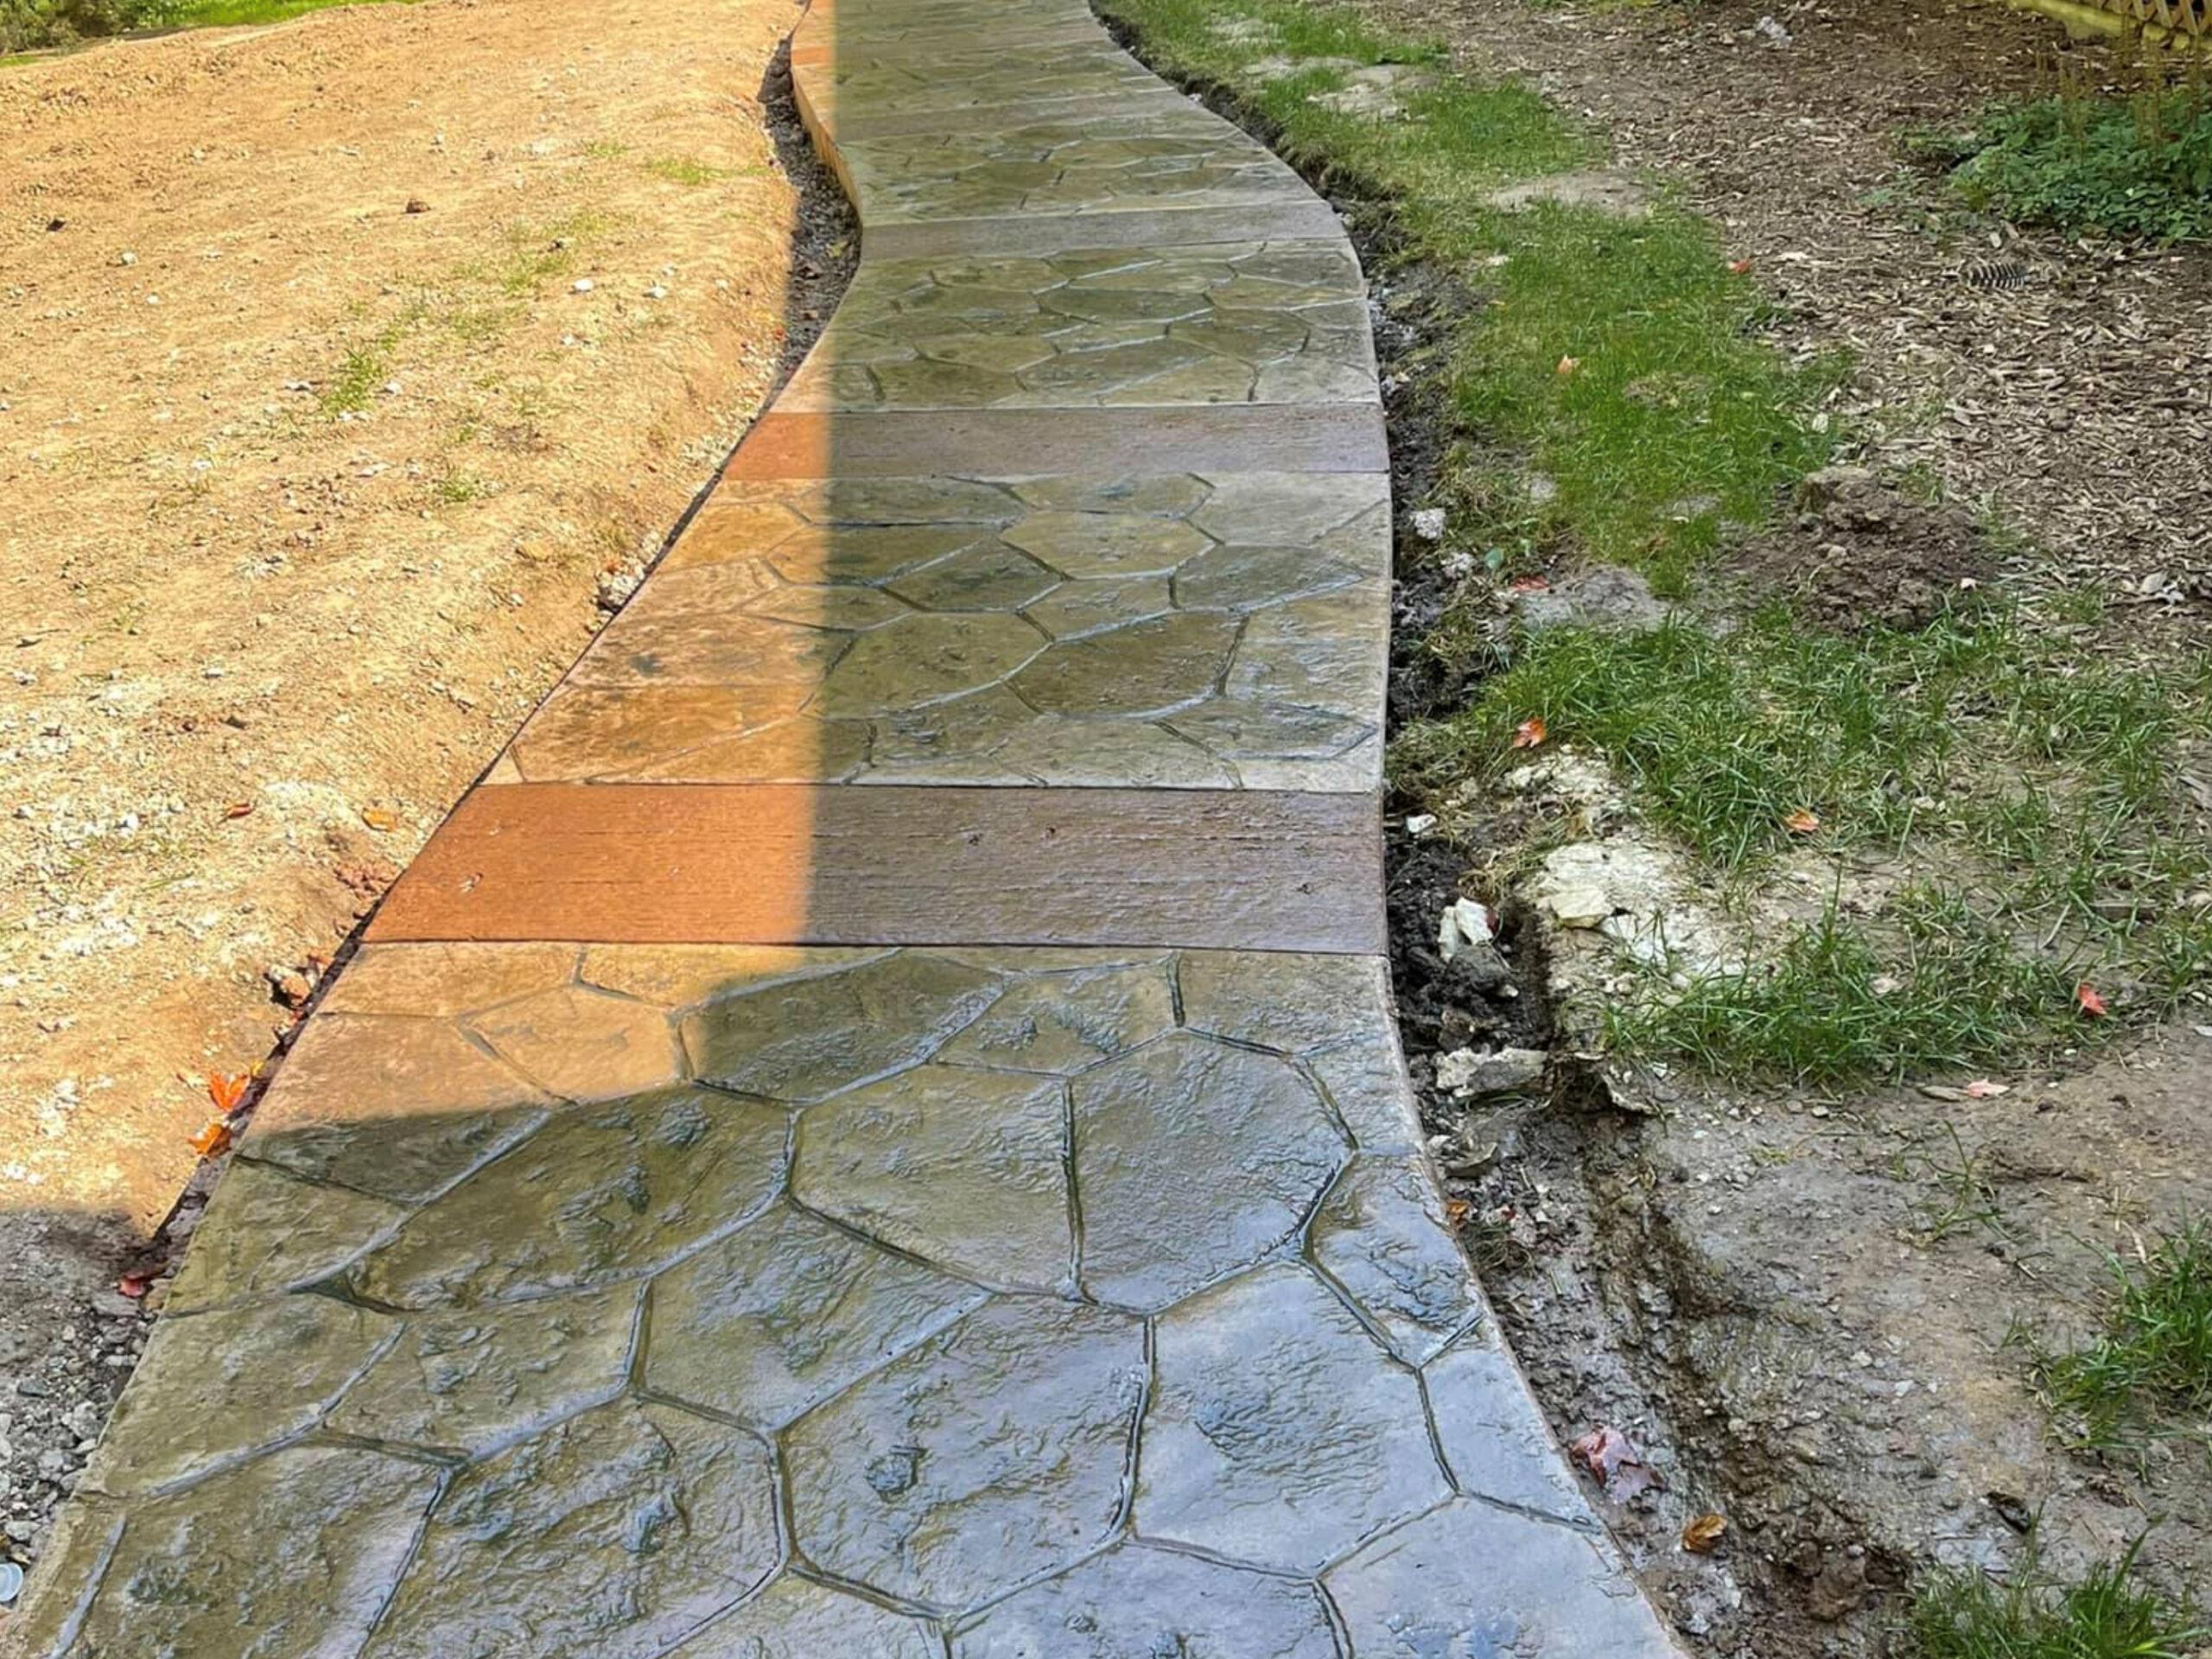 this image shows decorative concrete in Cerritos, California